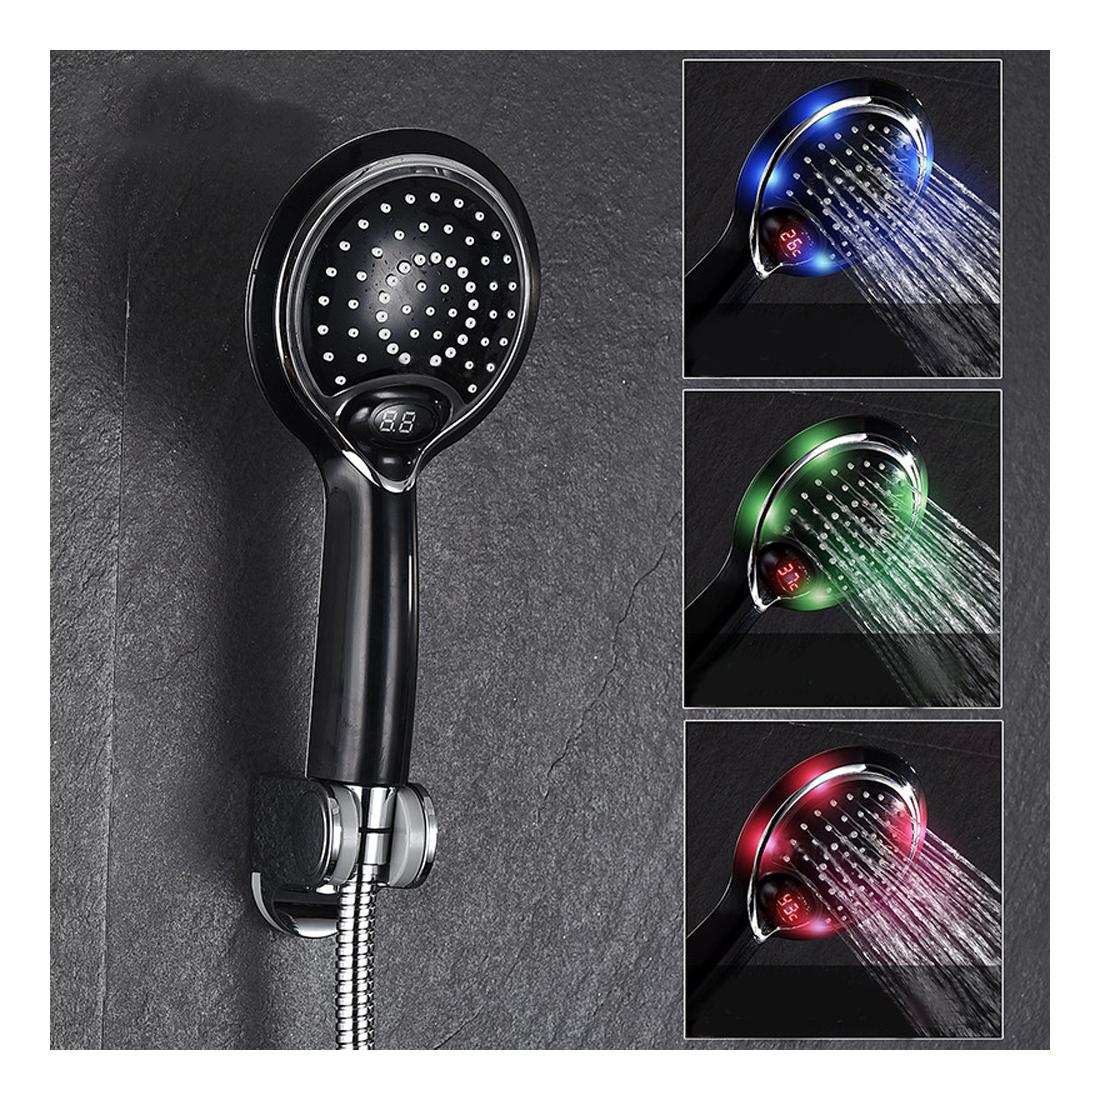 LED Sprchová hlavica s digitálnym teplomerom, 3 farby, čierna farba